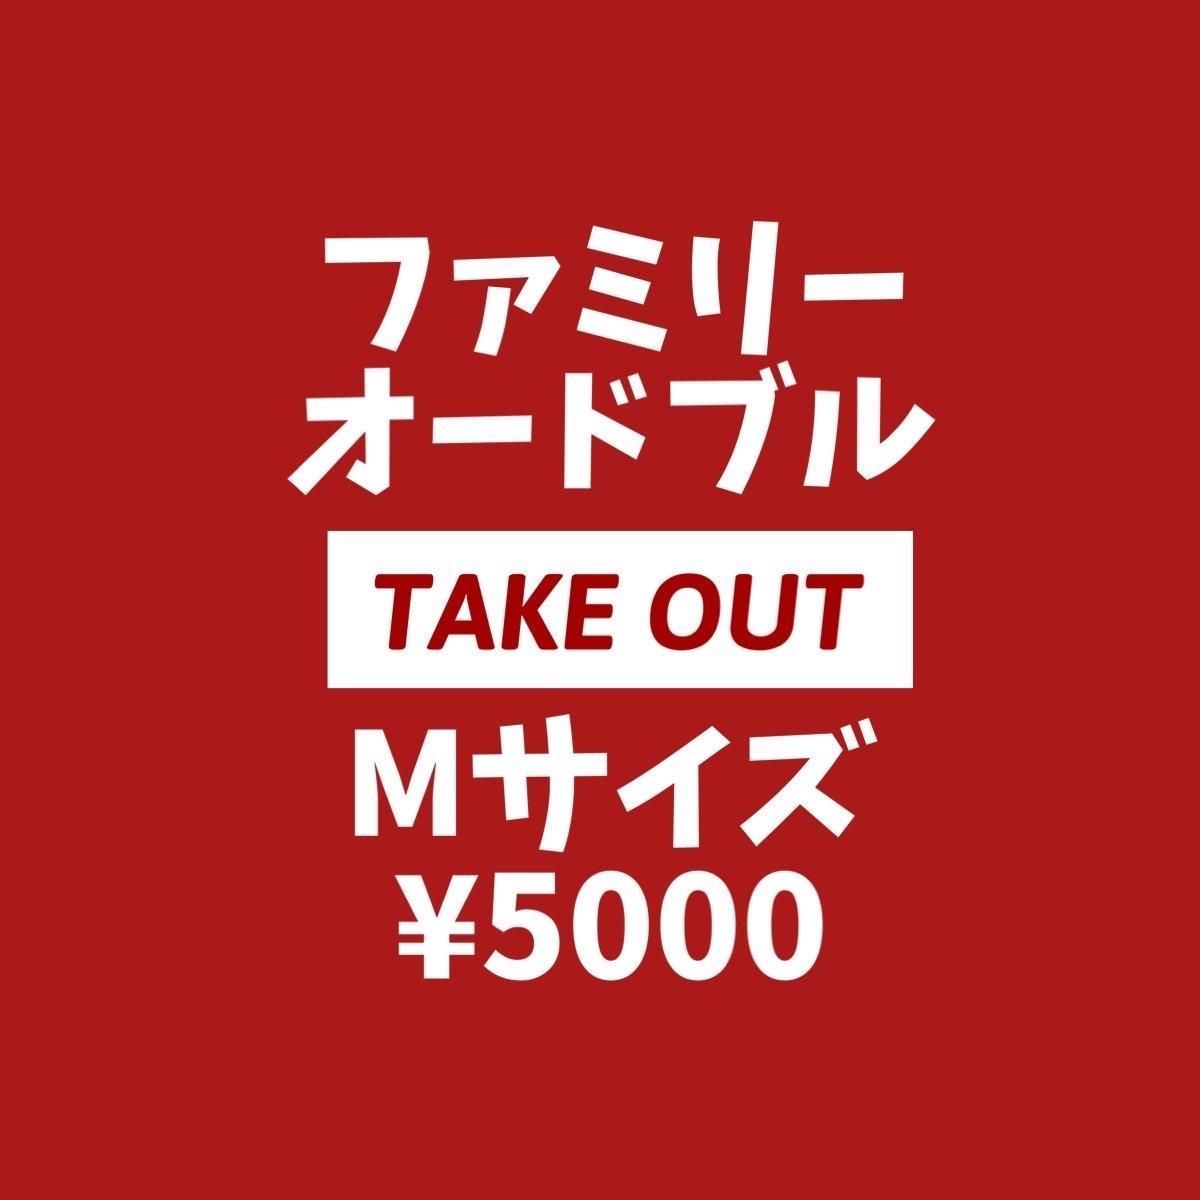 【テイクアウト•店頭支払いのみ専用】ファミリーオードブルMサイズ¥5000のイメージその1